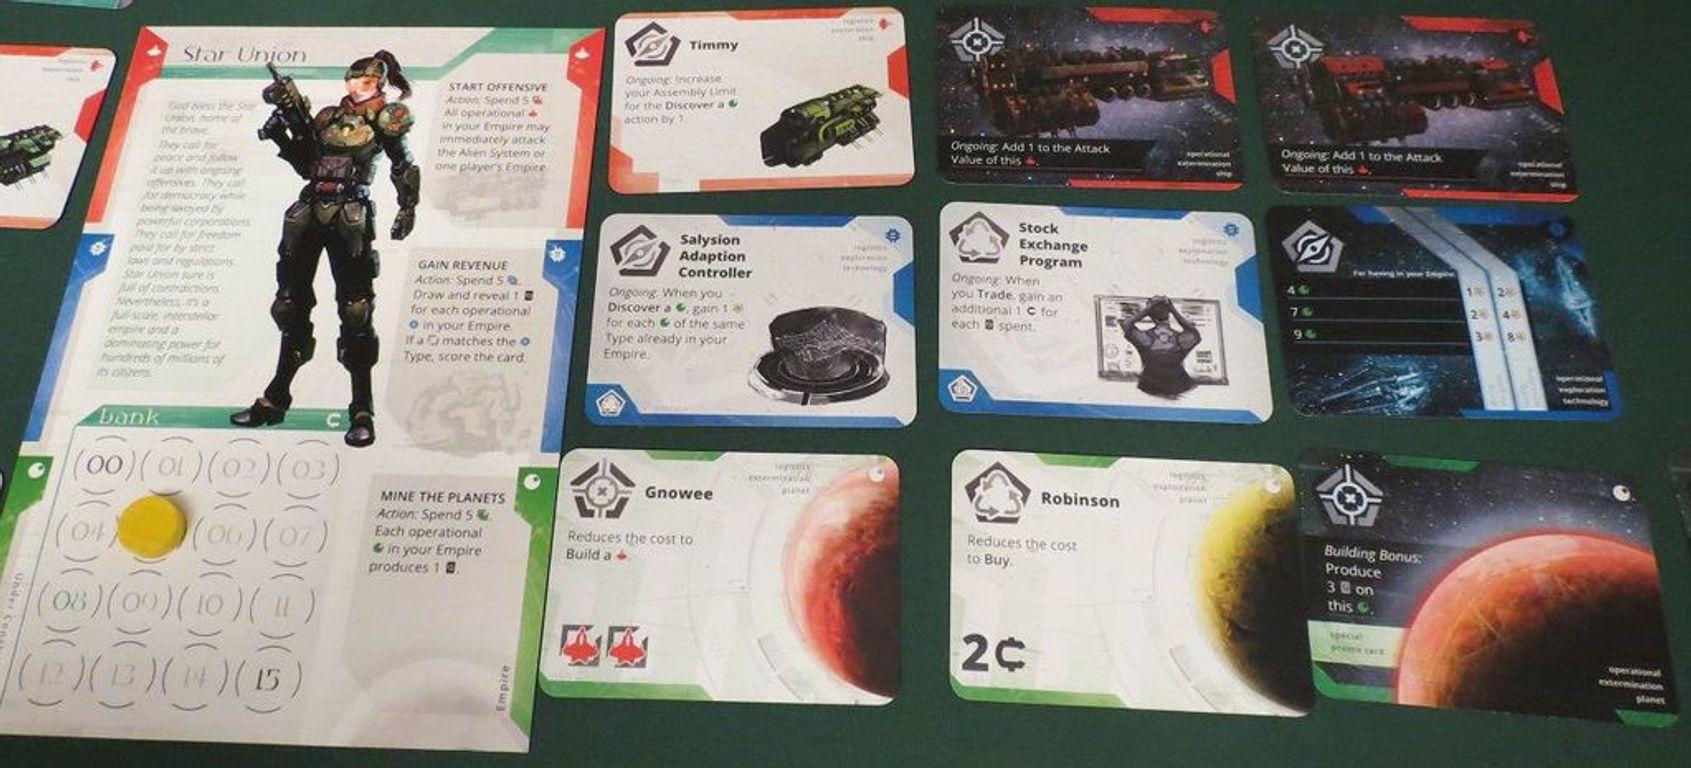 Alien Artifacts gameplay